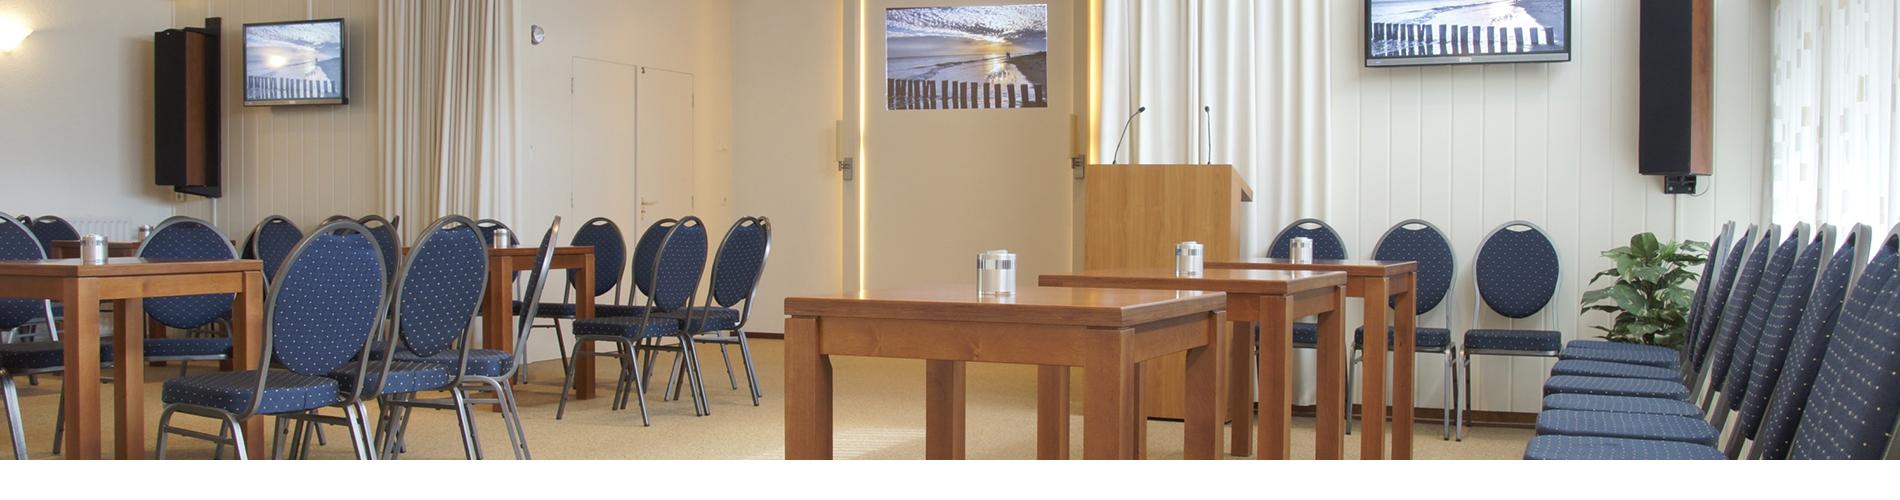 Het sfeervolle rouwcentrum van Uitvaartverzorging Donker in Beusichem biedt alle faciliteiten voor een complete uitvaart. Met ruimte voor 130 zitplaatsen.